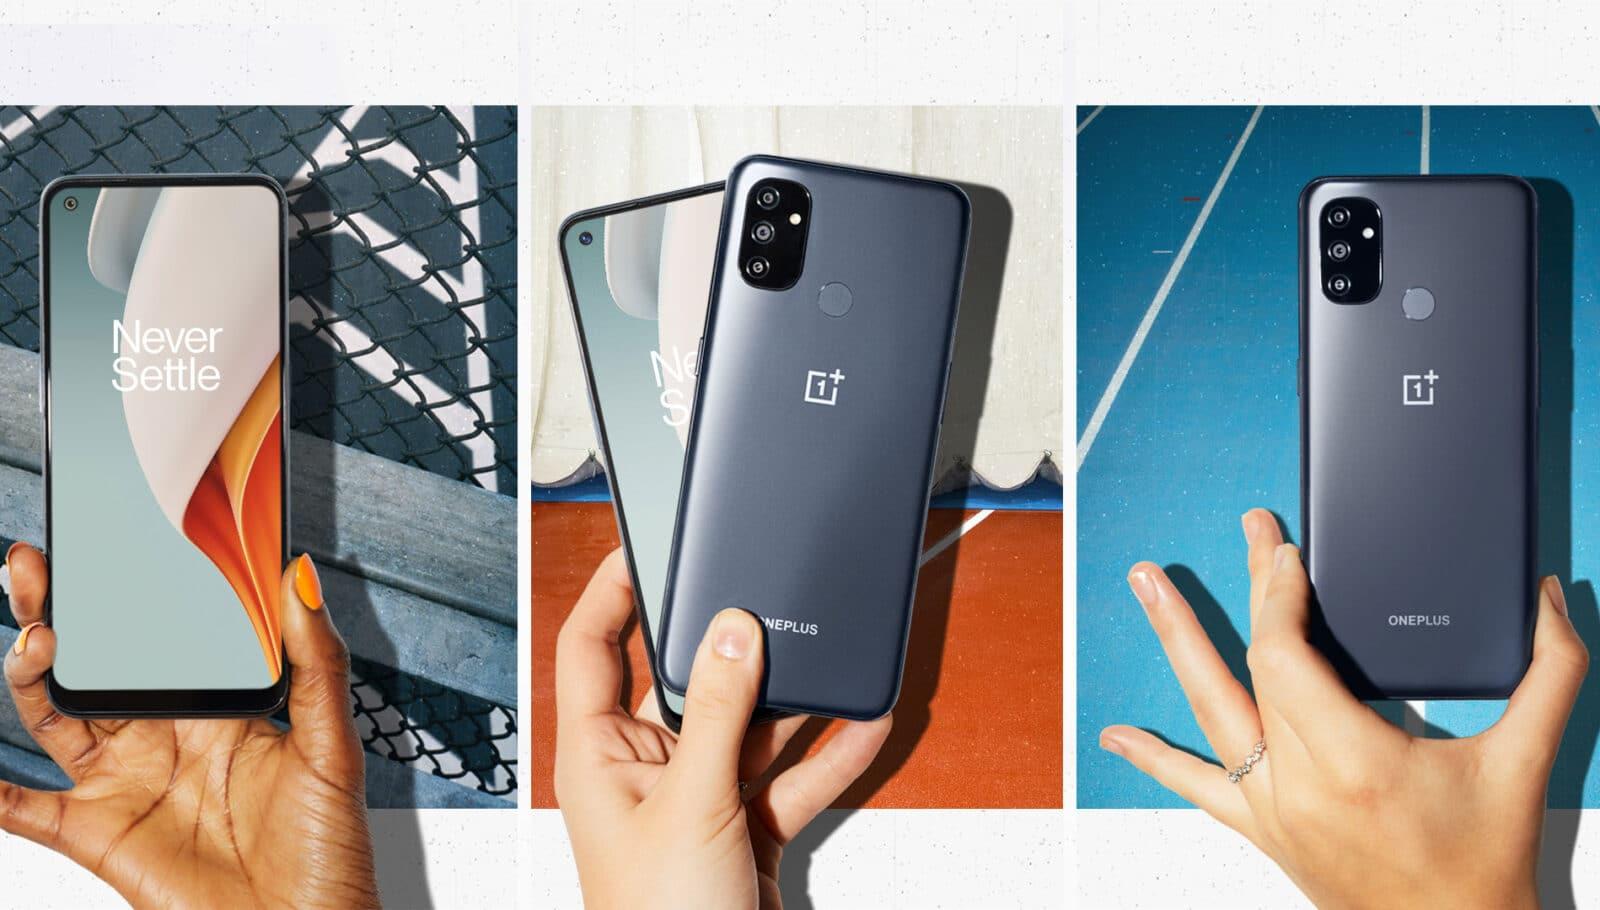 OnePlus : la gamme Nord s'agrandit avec le N10 5G et le N100